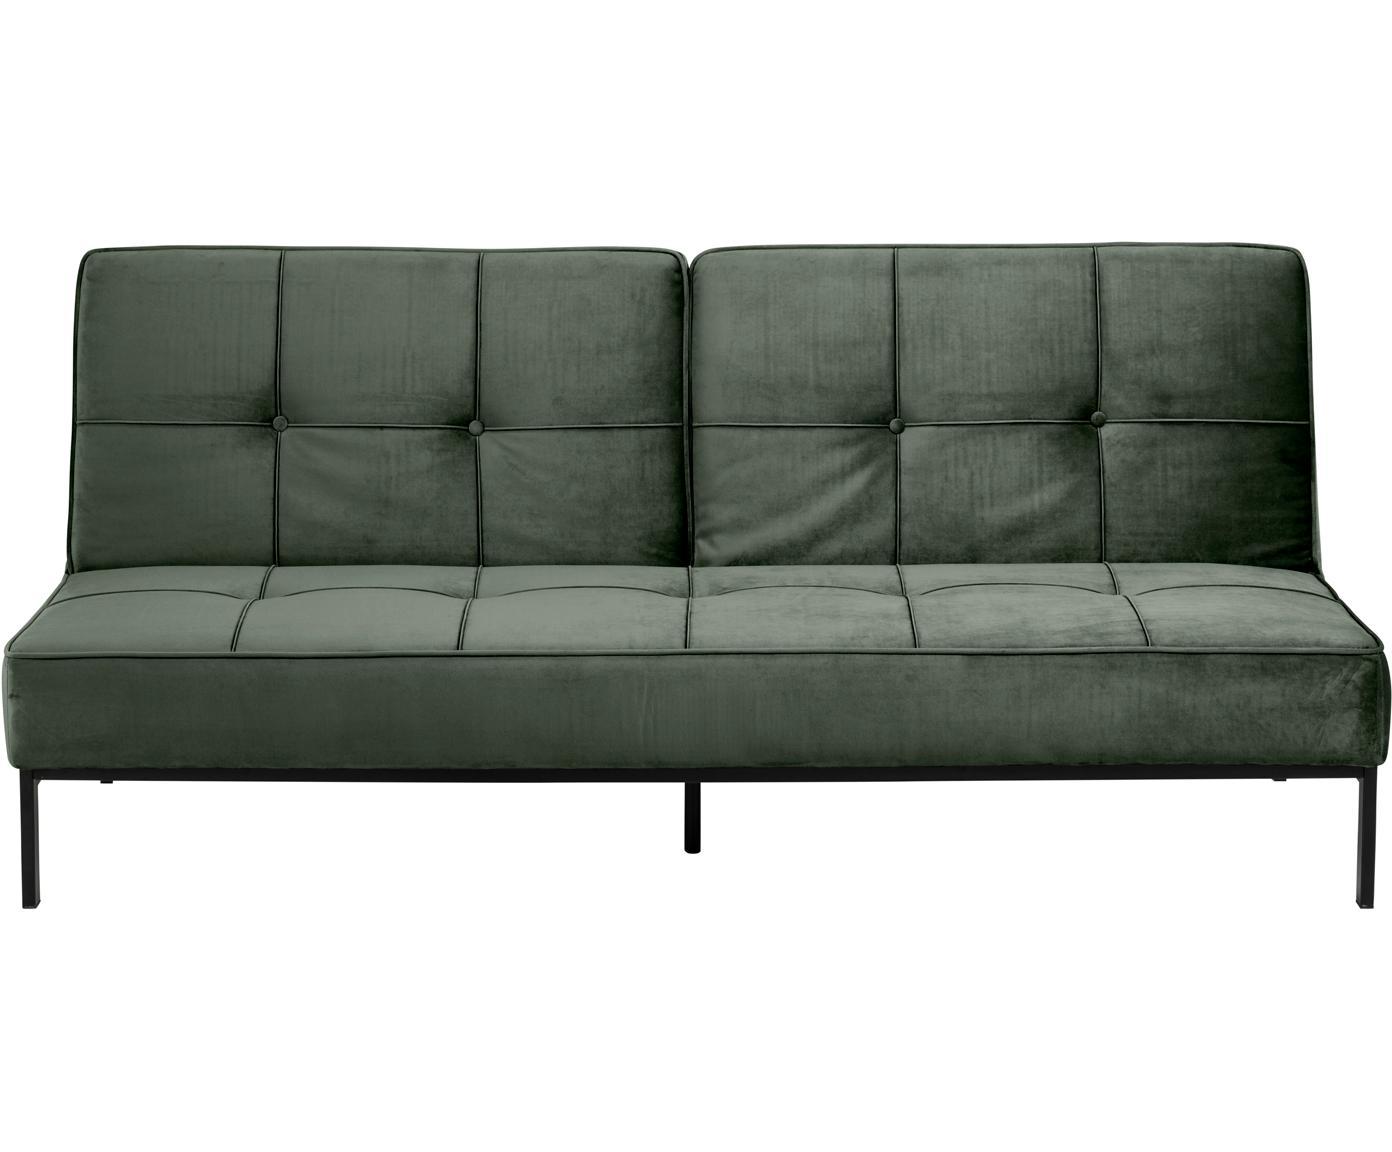 Sofá cama de terciopelo Perugia (3-plazas), Tapizado: terciopelo de poliéster, Estructura: metal con pintura en polv, Terciopelo verde, An 198 x F 95 cm